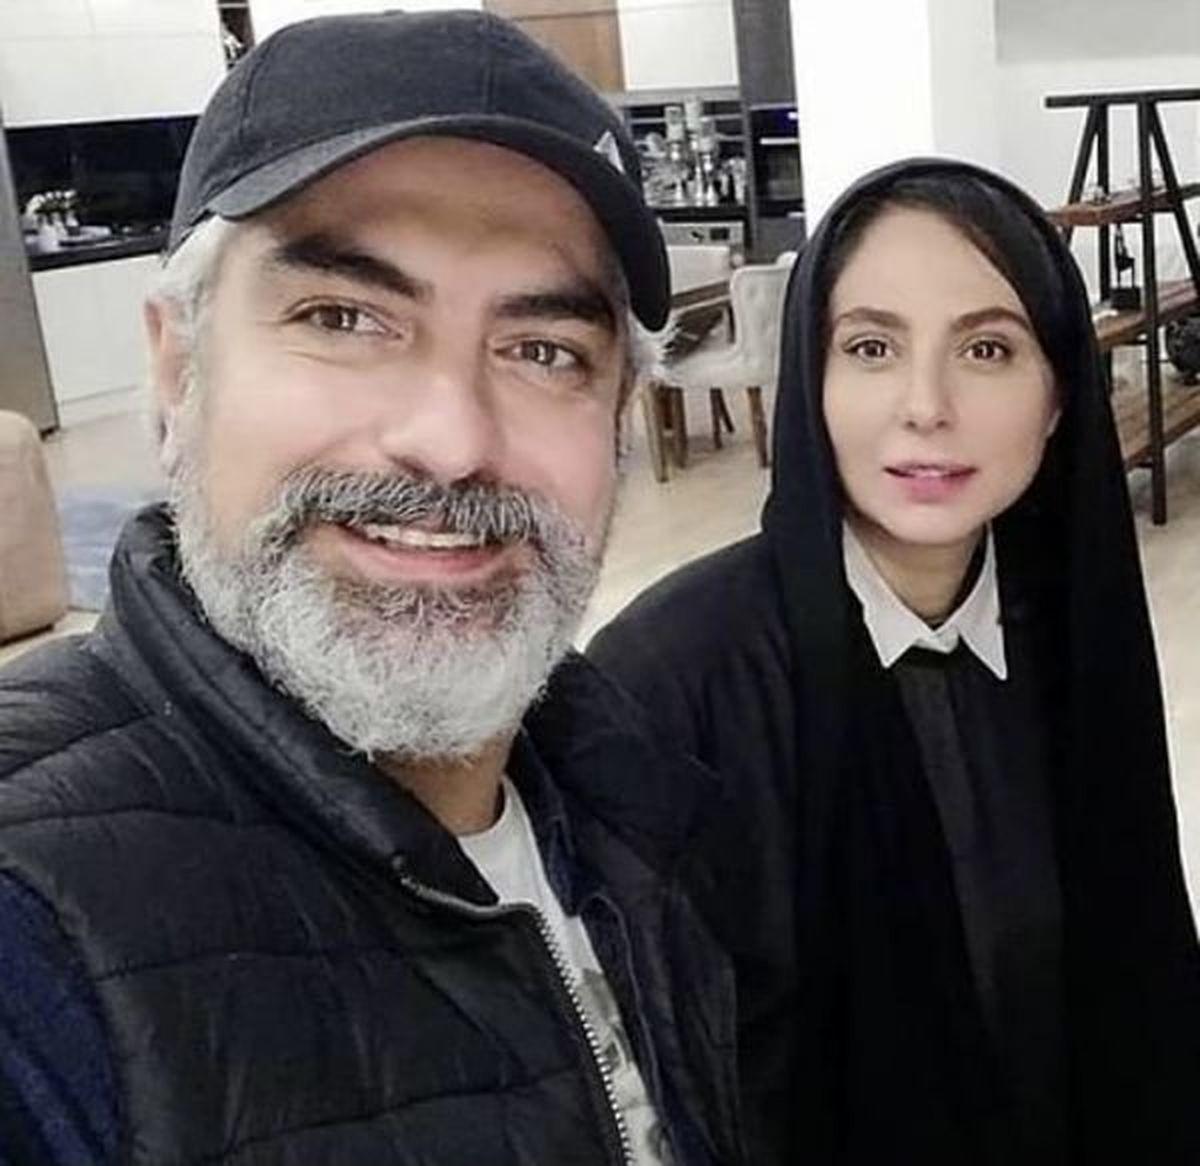 مهدی پاکدل| تصاویر و بیوگرافی مهدی پاکدل و همسرش